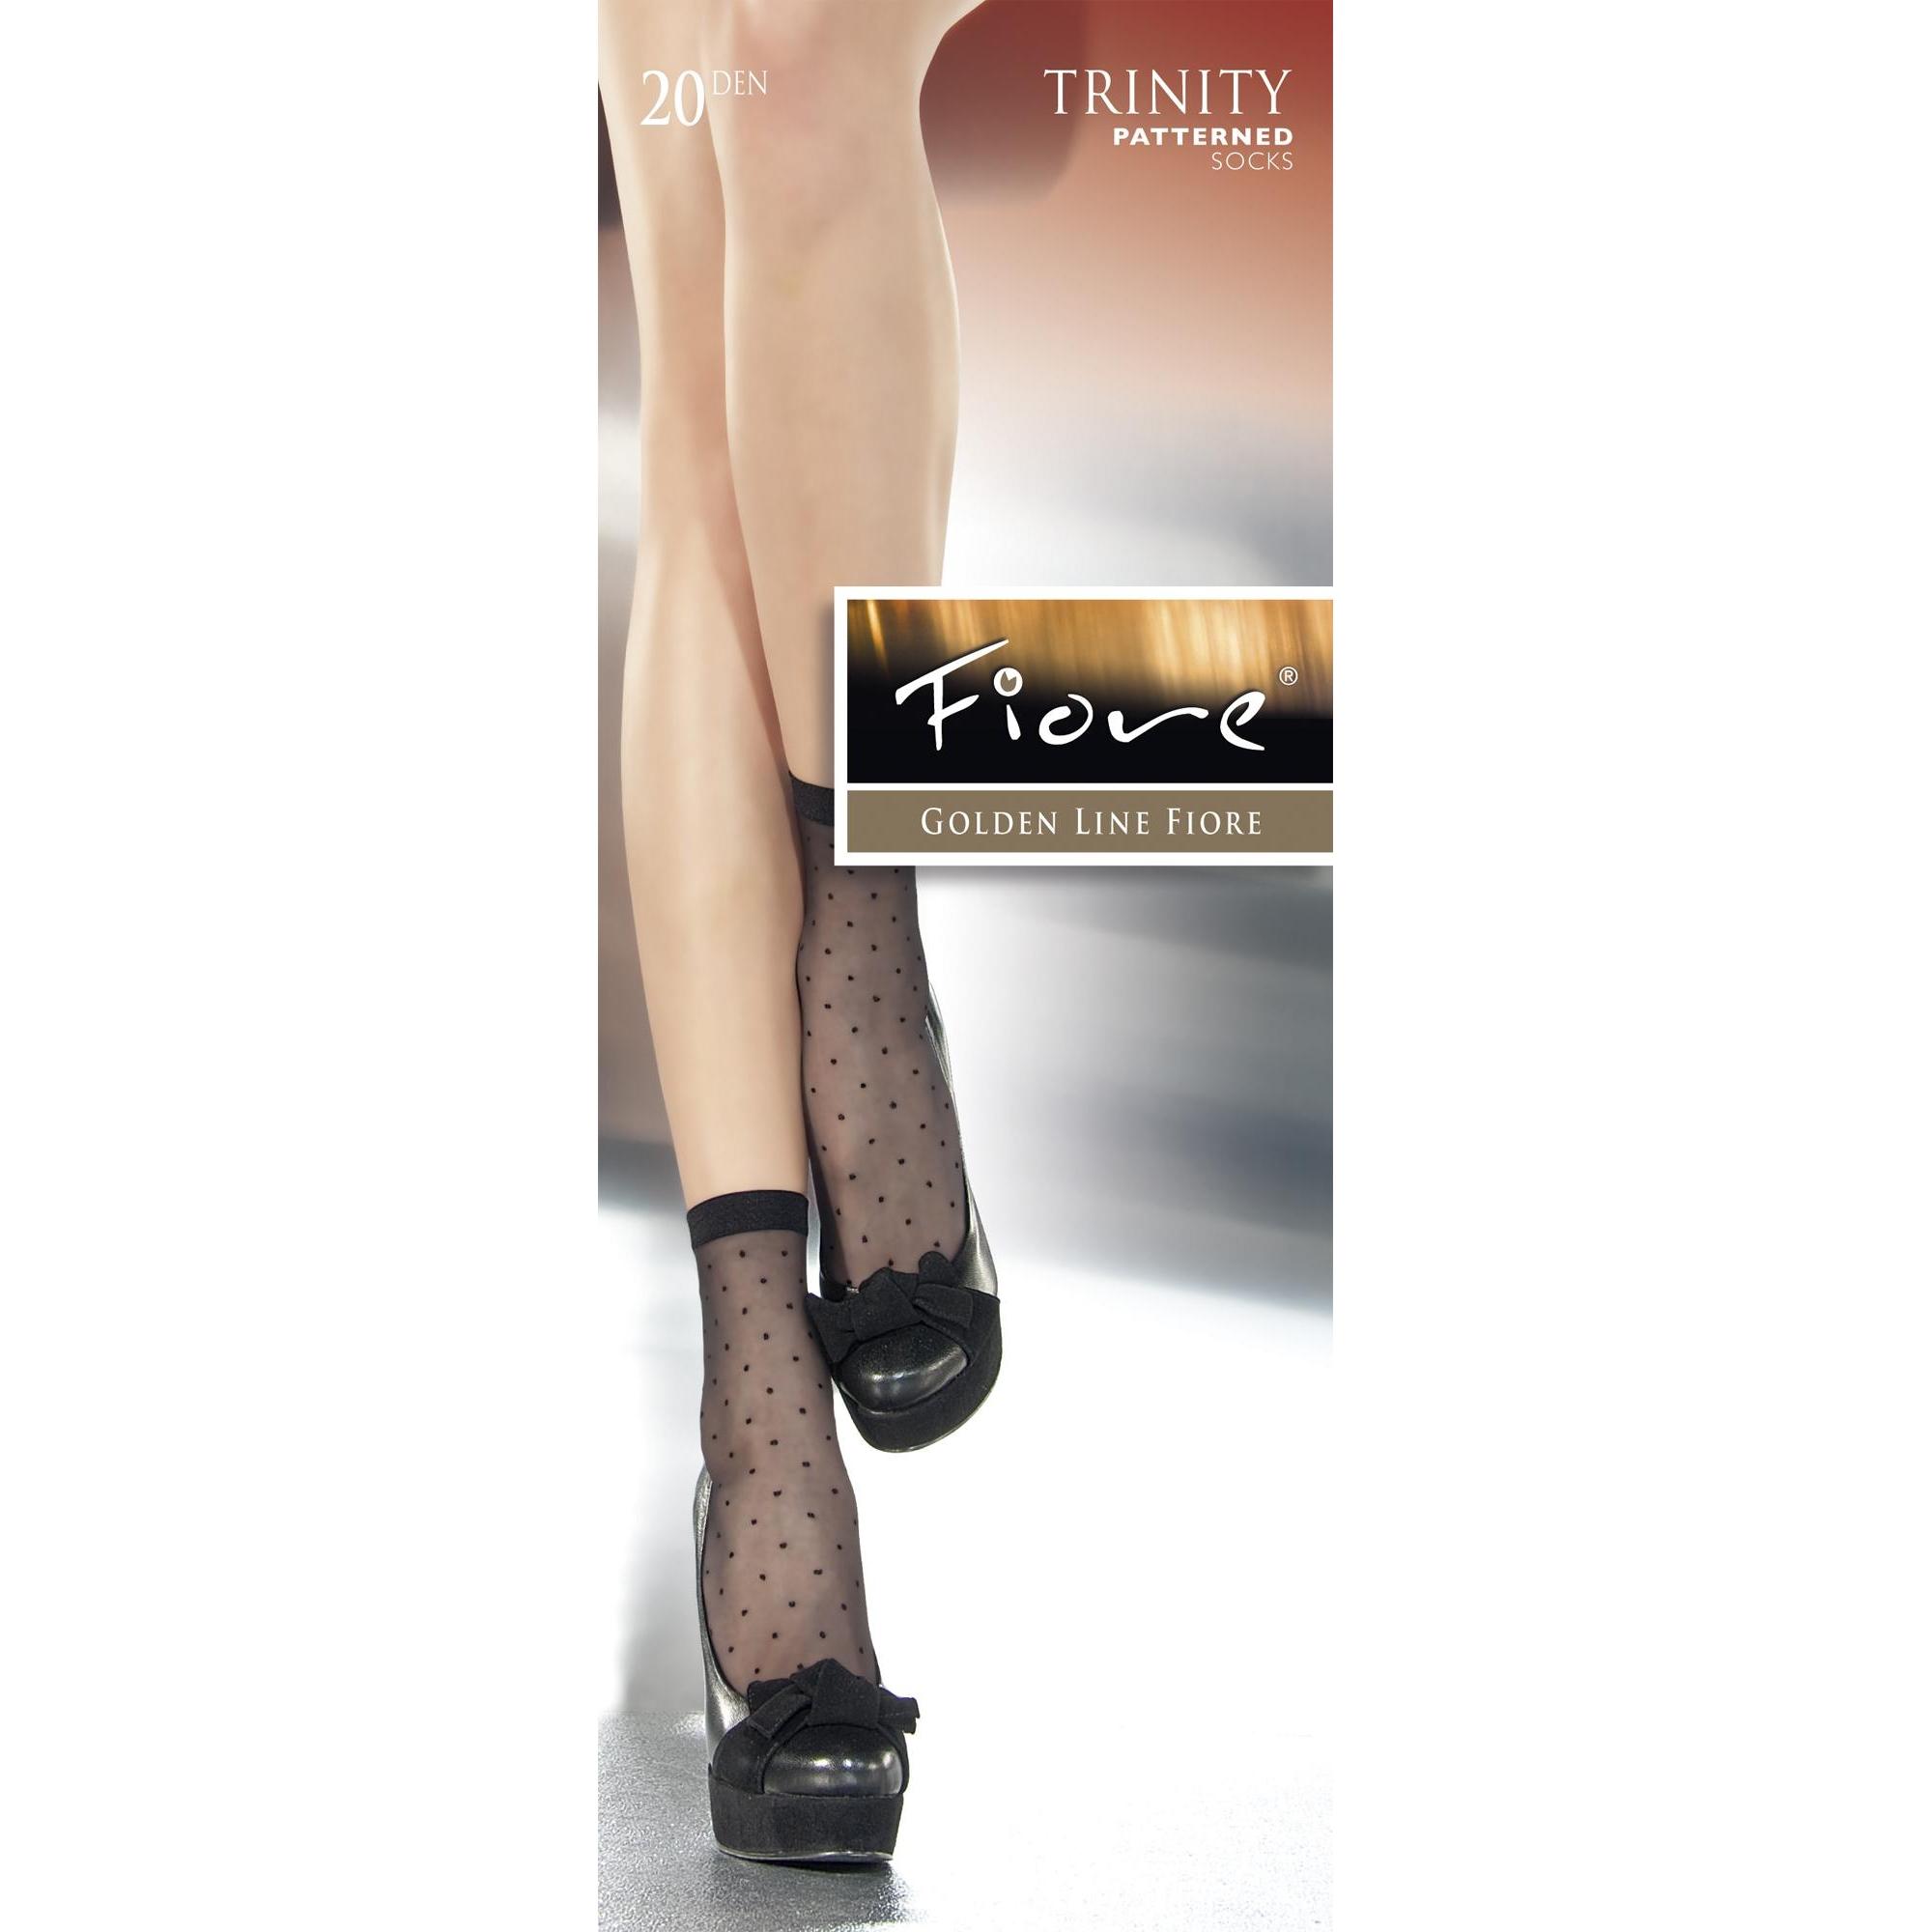 Fiore Trinity G1008  tgU calzini 20 den nero